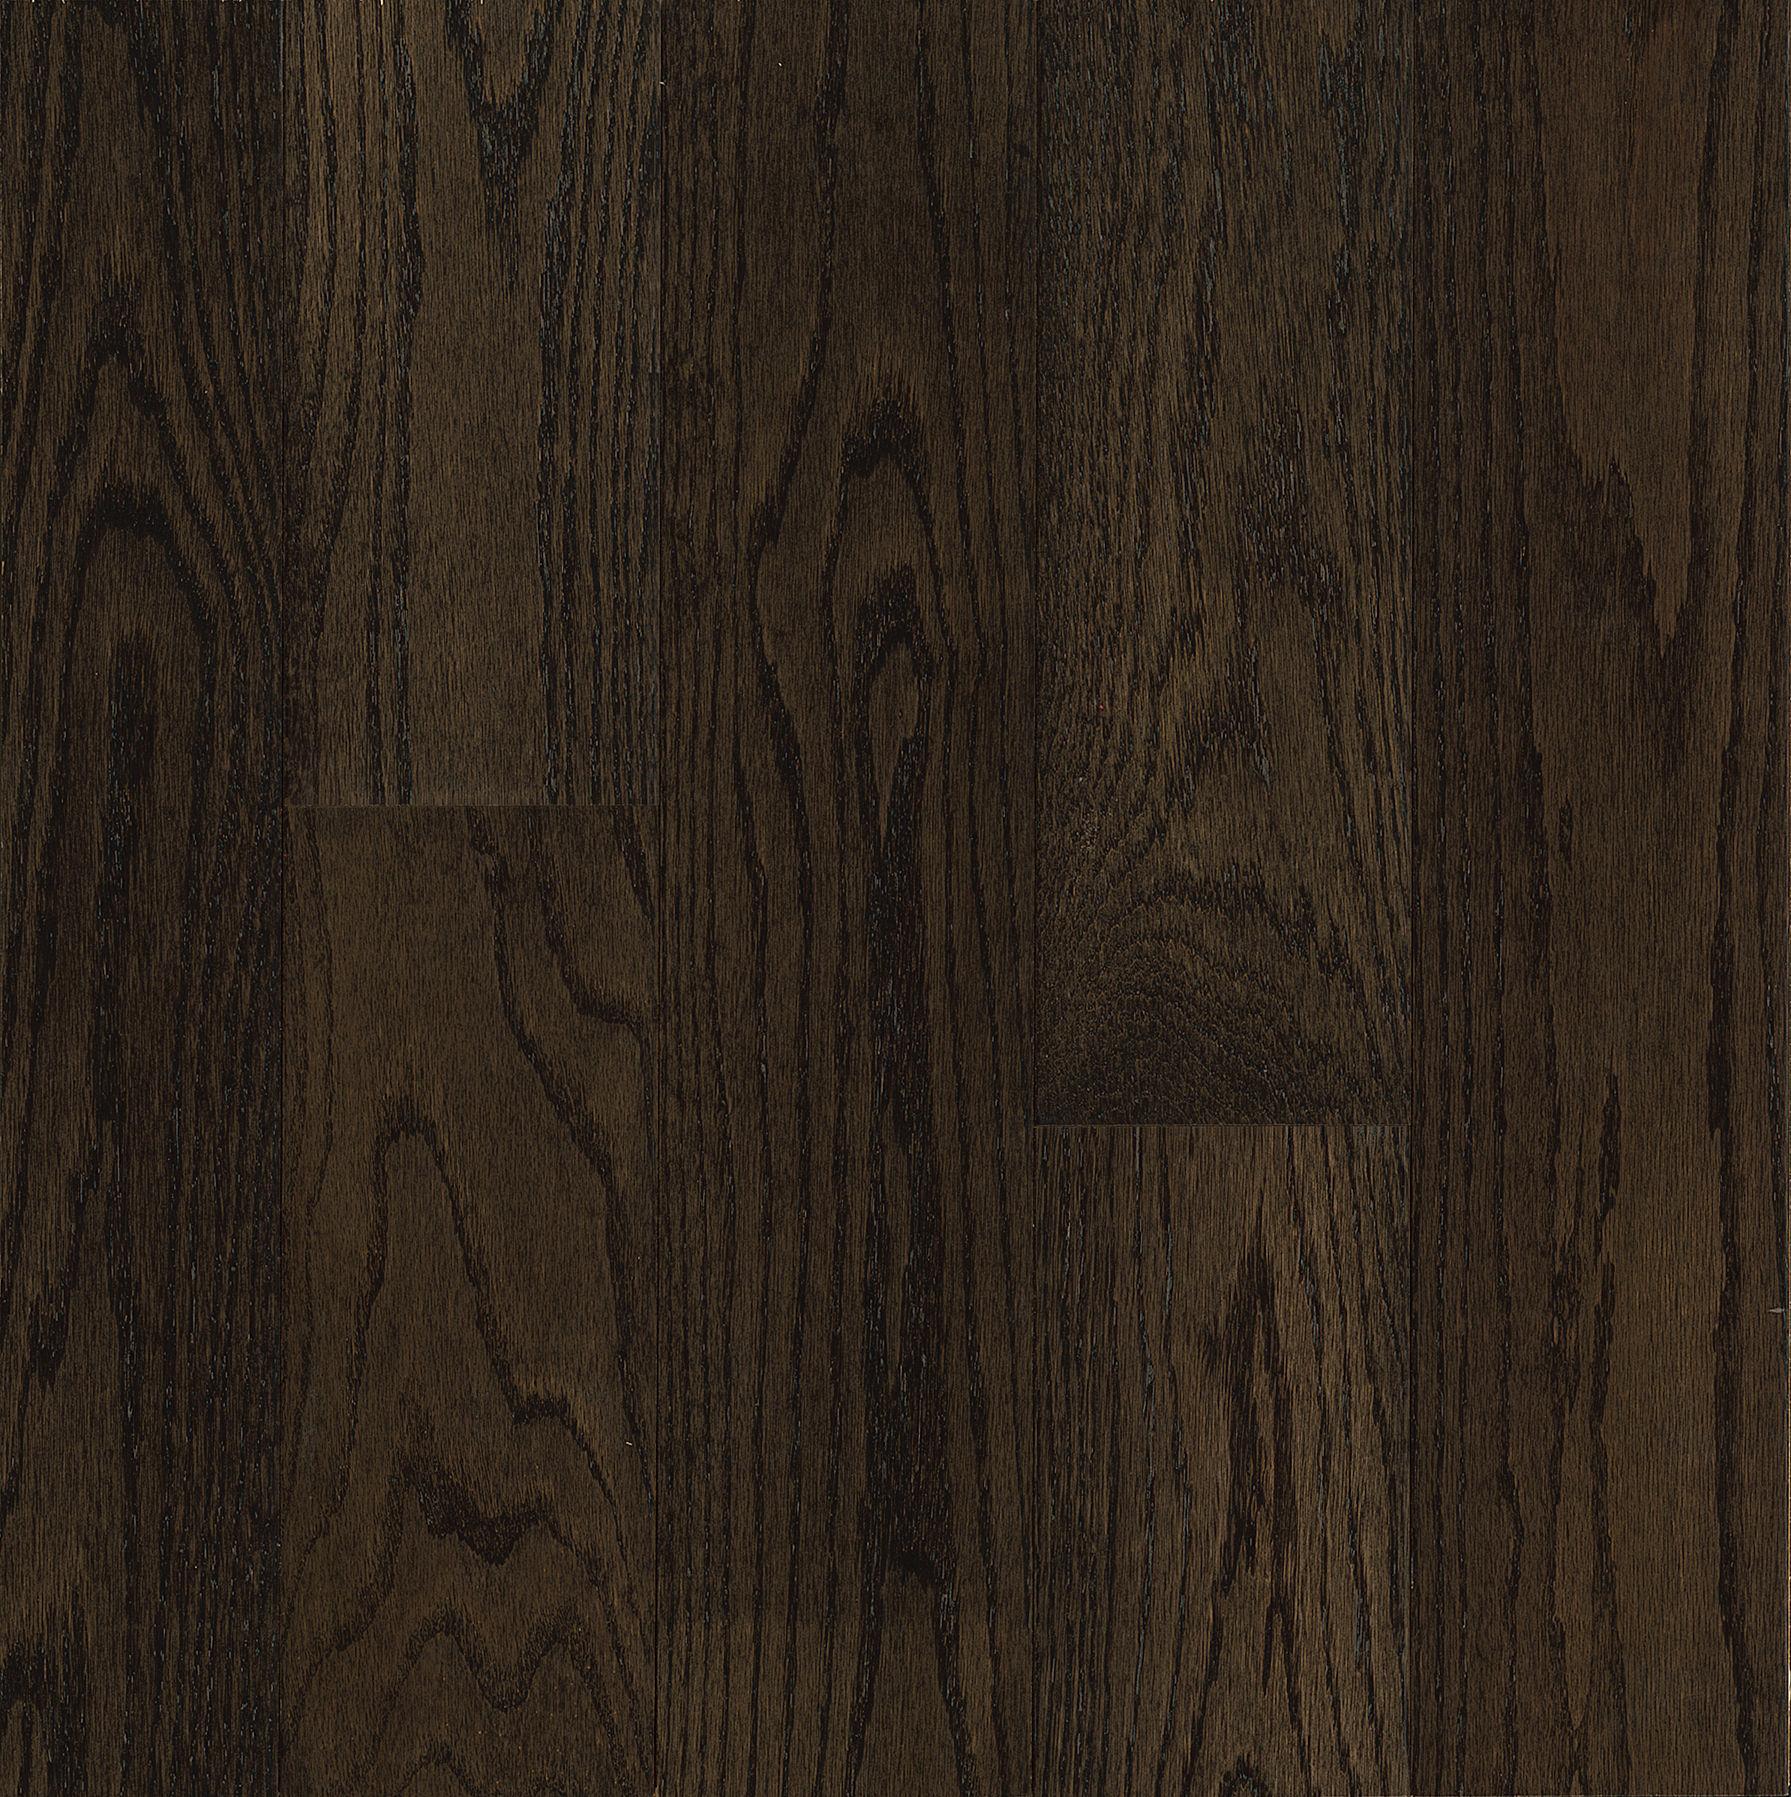 Blackened Brown Northern Red Oak